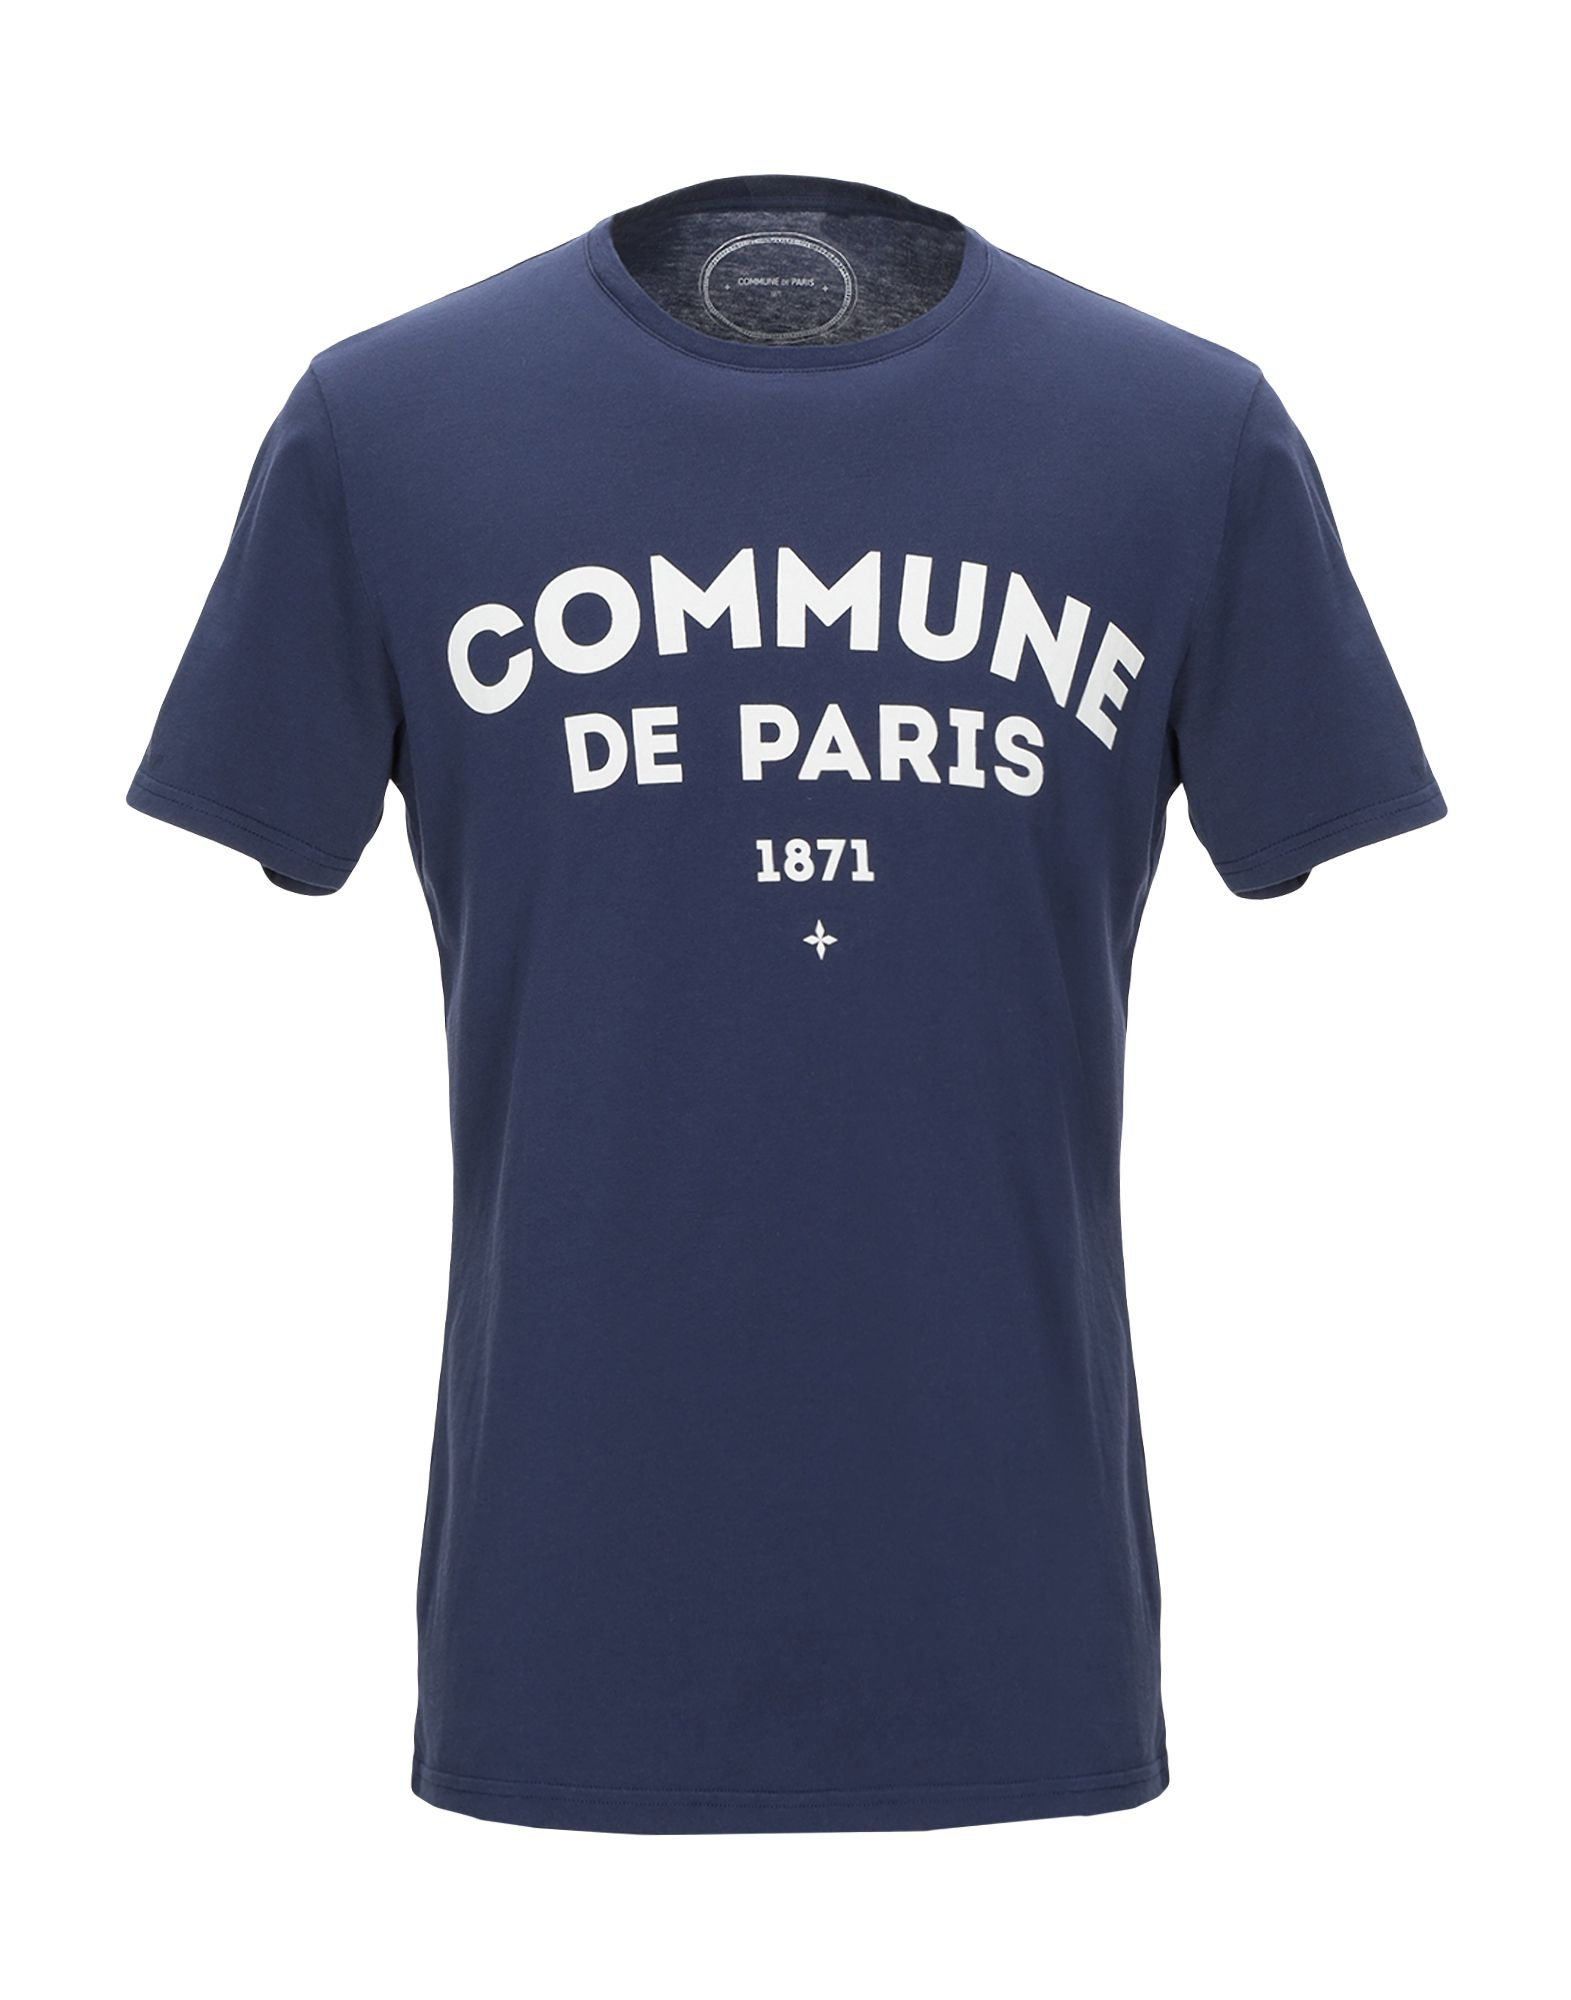 COMMUNE DE PARIS 1871 Футболка